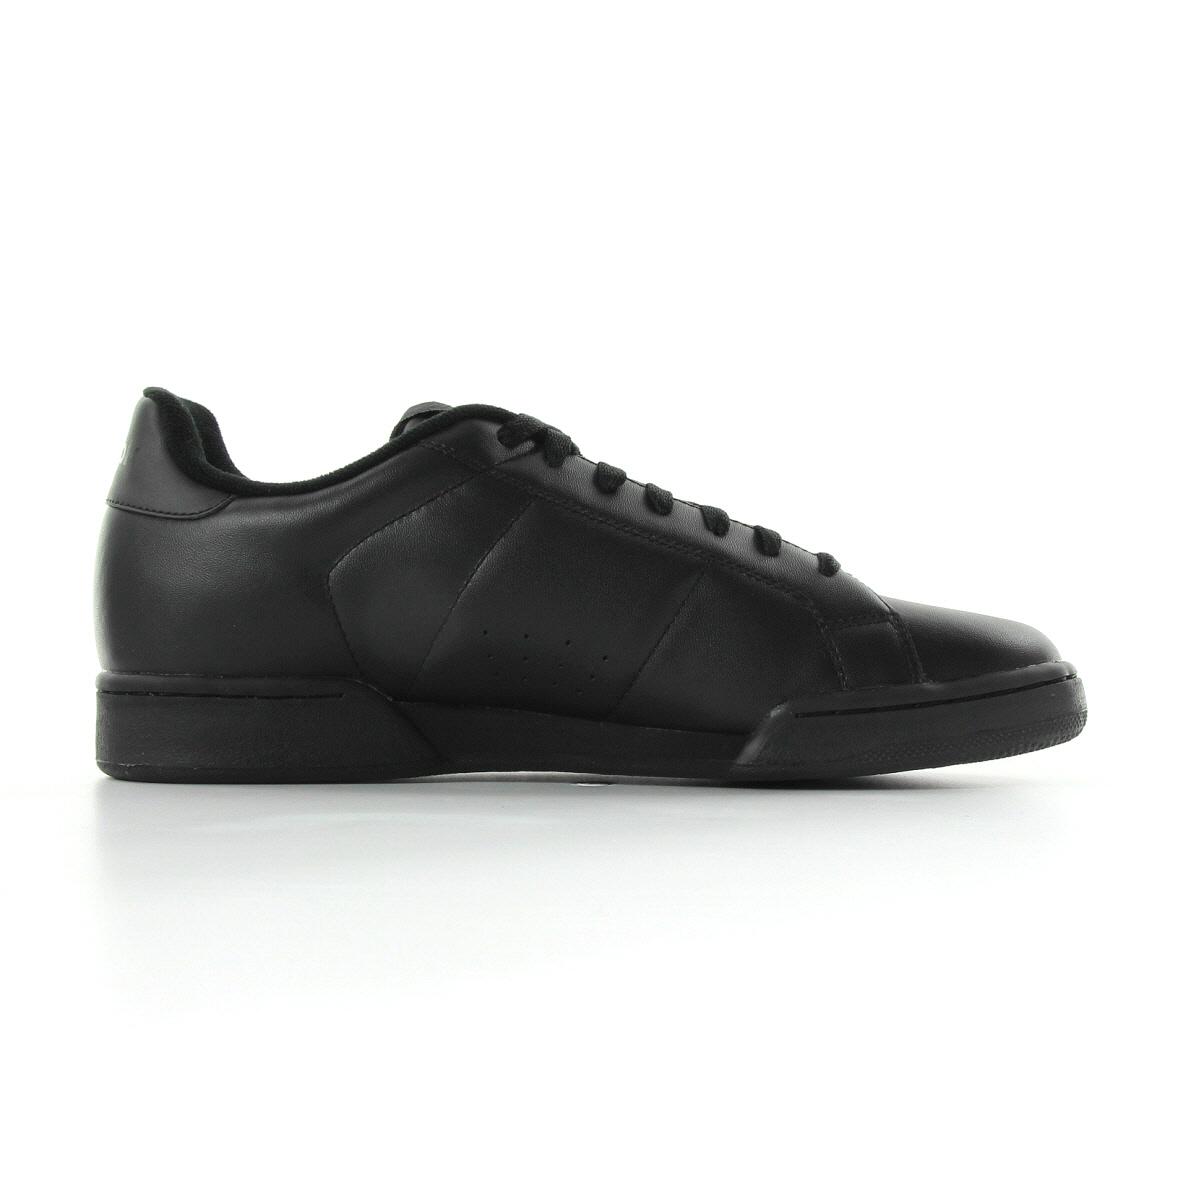 chaussures baskets reebok homme npc 2 taille noir noire cuir lacets ebay. Black Bedroom Furniture Sets. Home Design Ideas